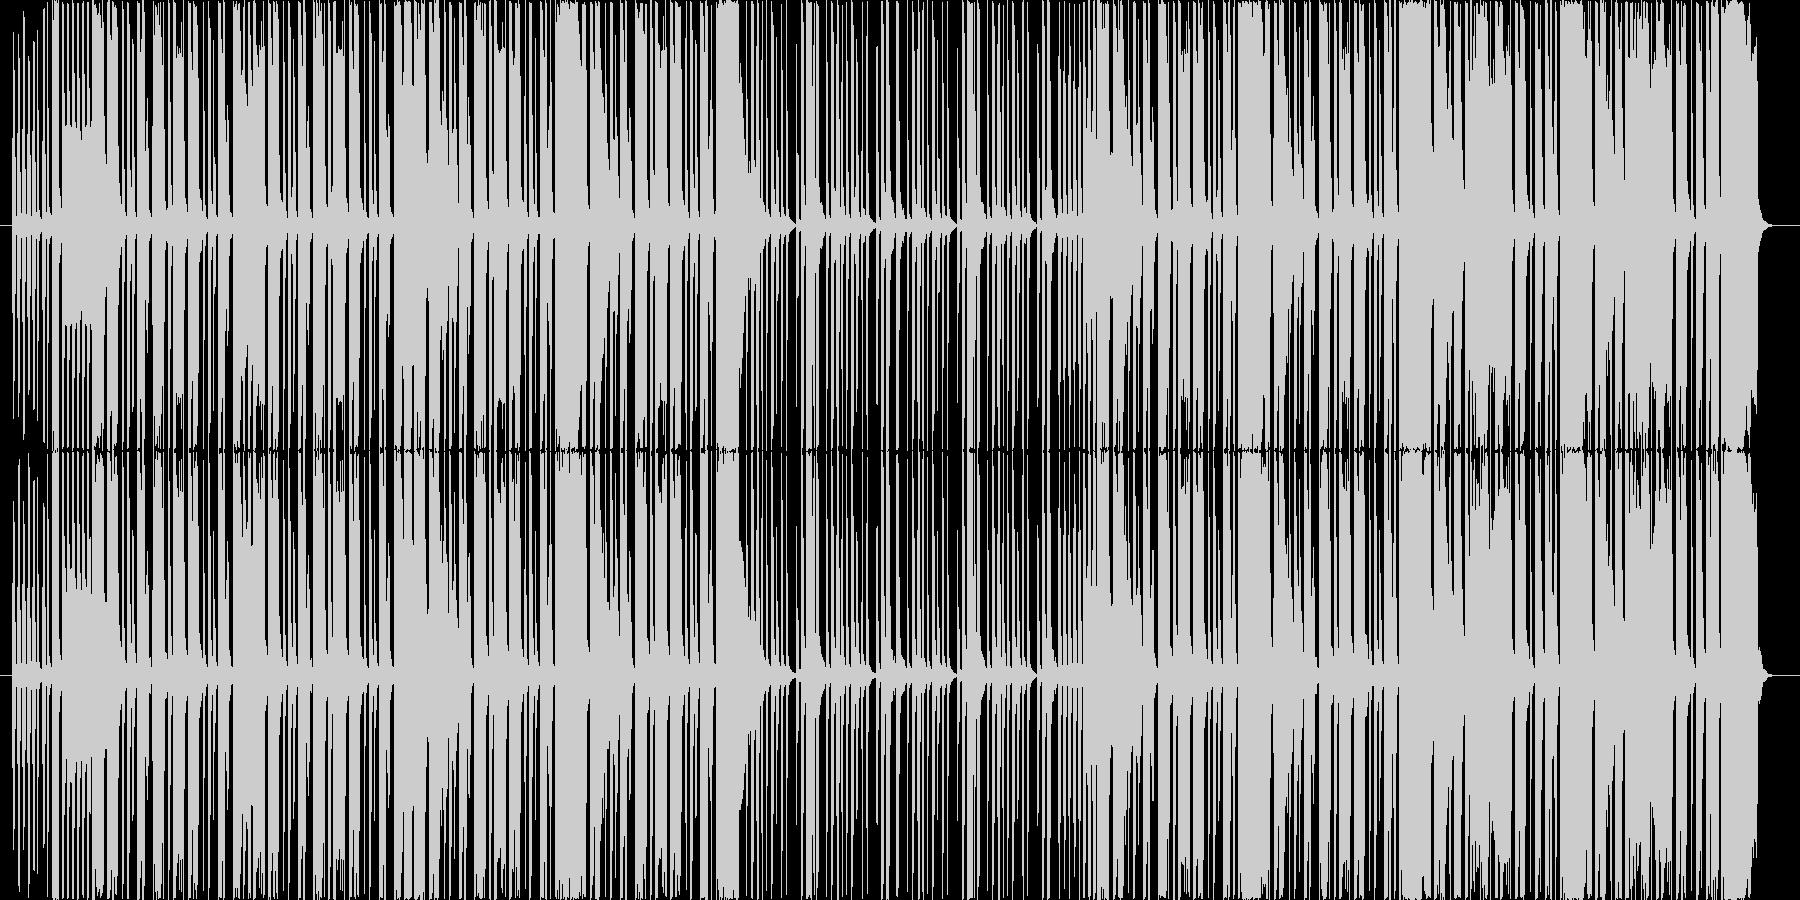 お茶目でコミカル・バカバカしいボイパ曲の未再生の波形